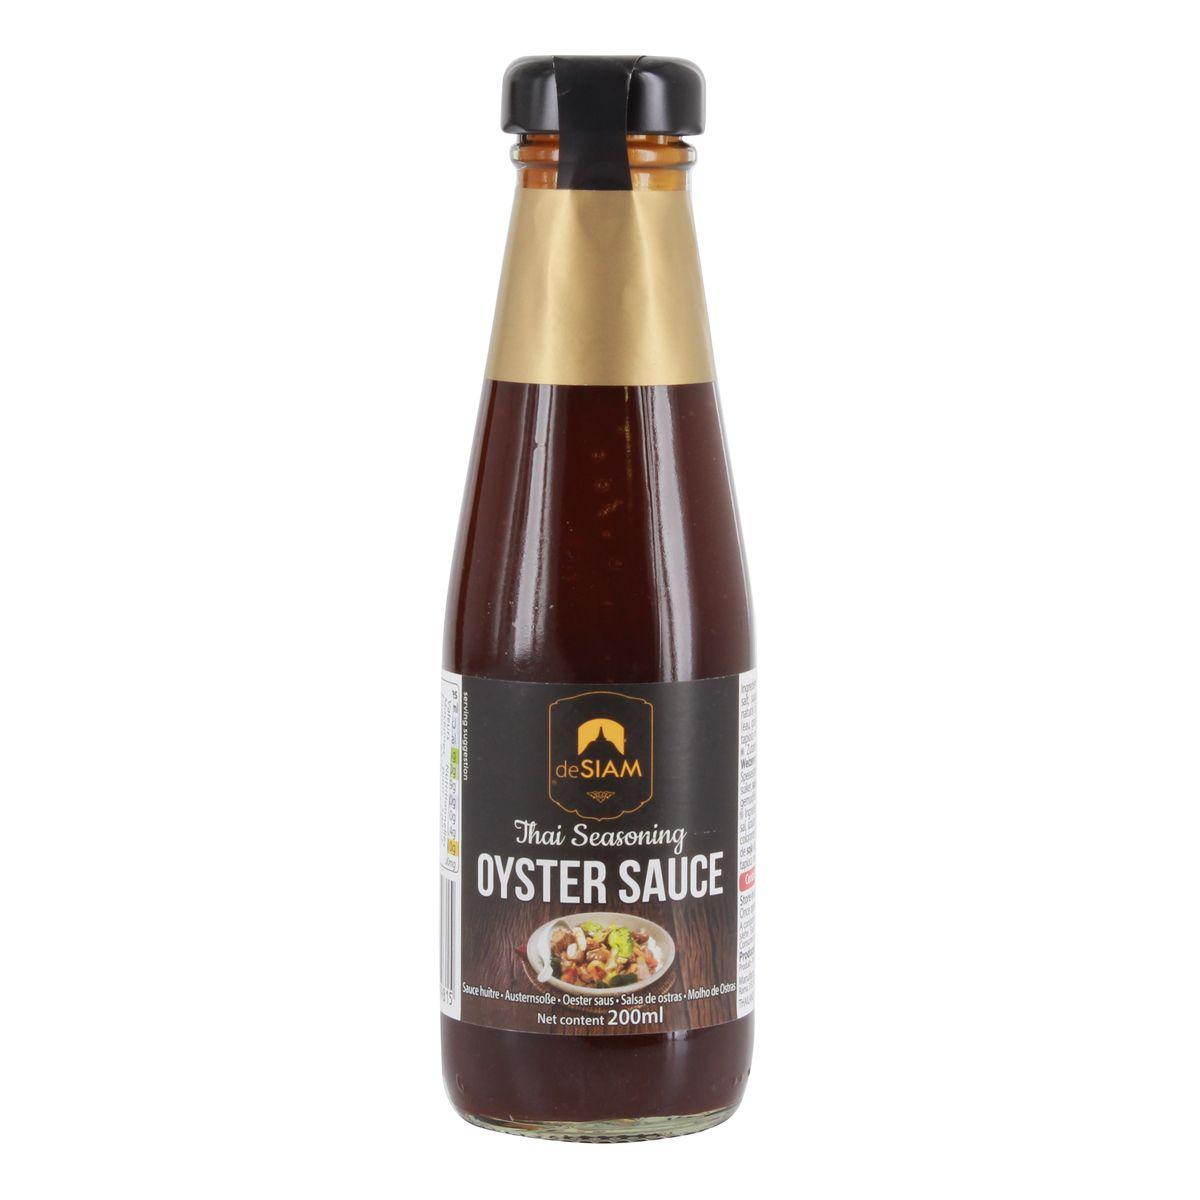 Oyster sauce - De Siam